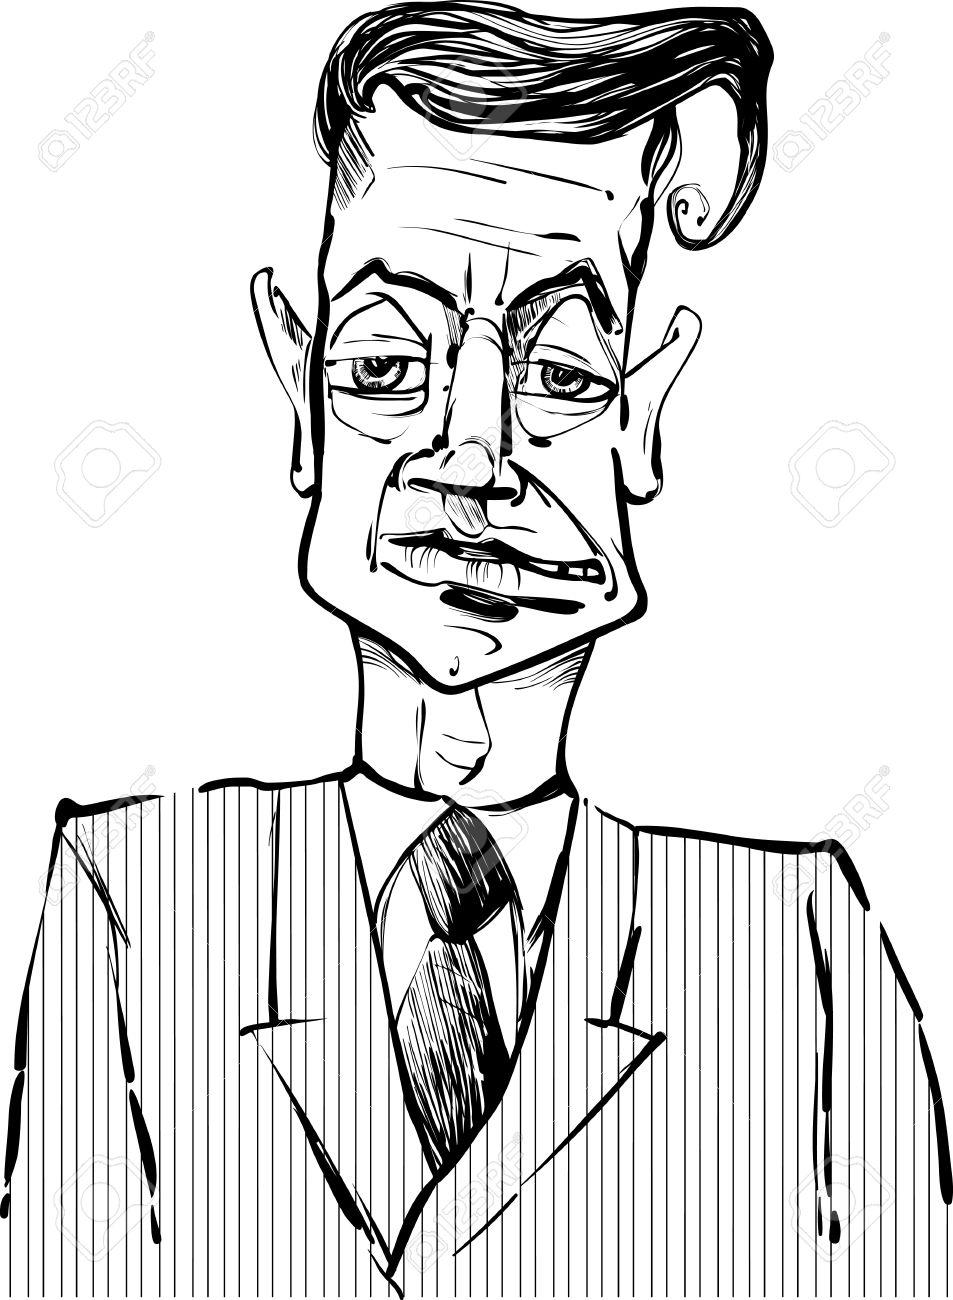 Favori Dessin Noir Et Blanc Illustration De L'homme I Costume Caricature  VD56